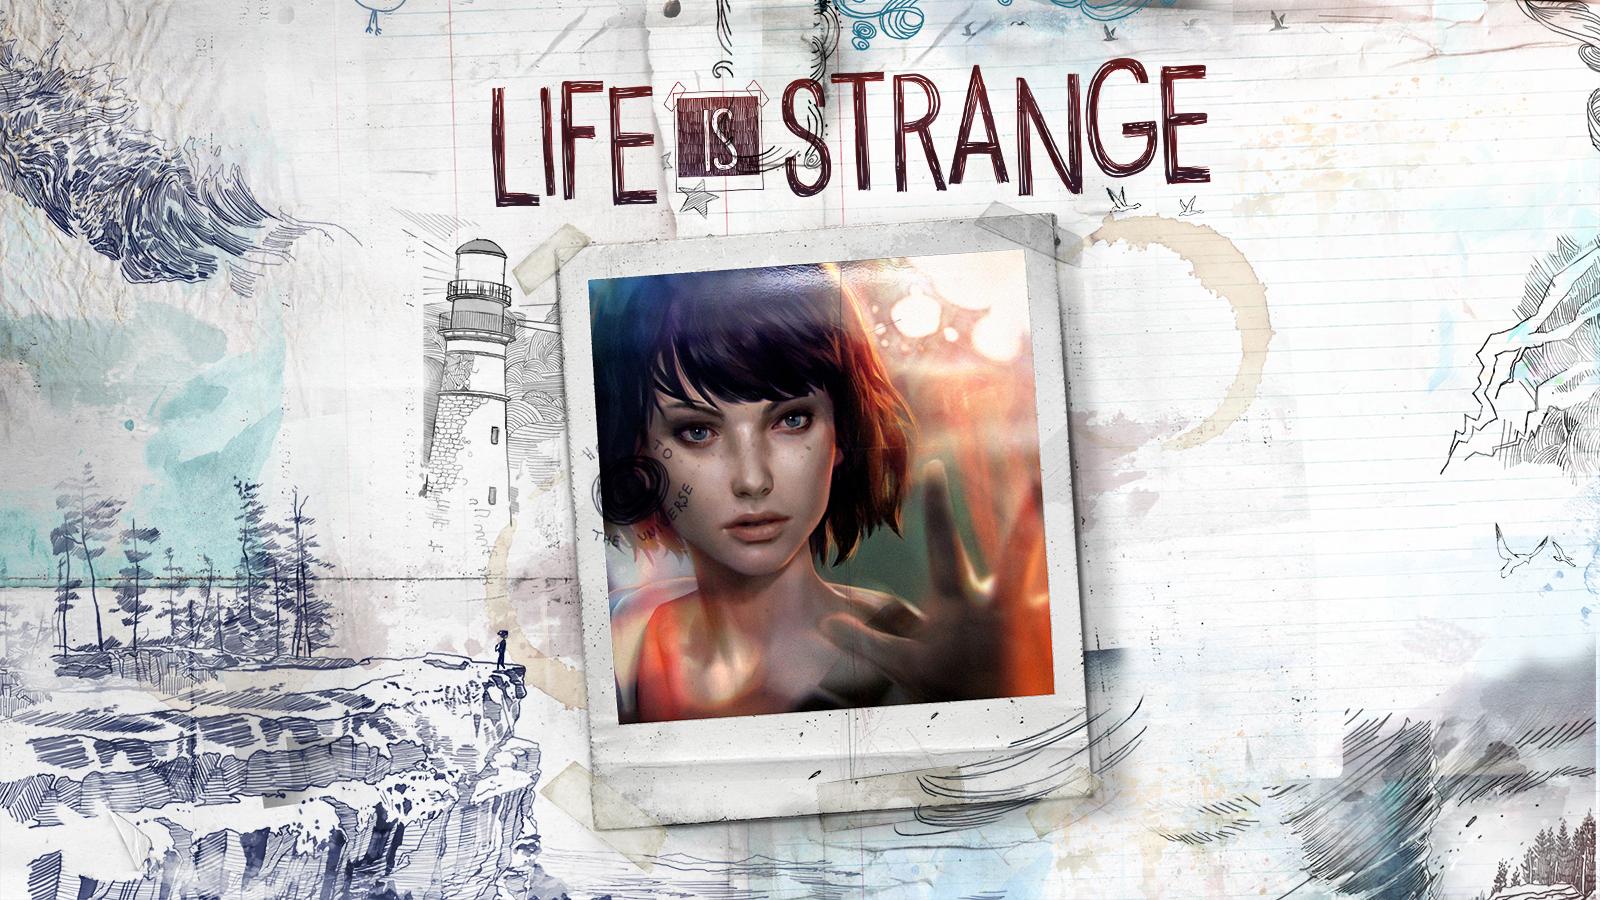 [iOS] Life Is Strange Episode 1 - Free - Apple App Store